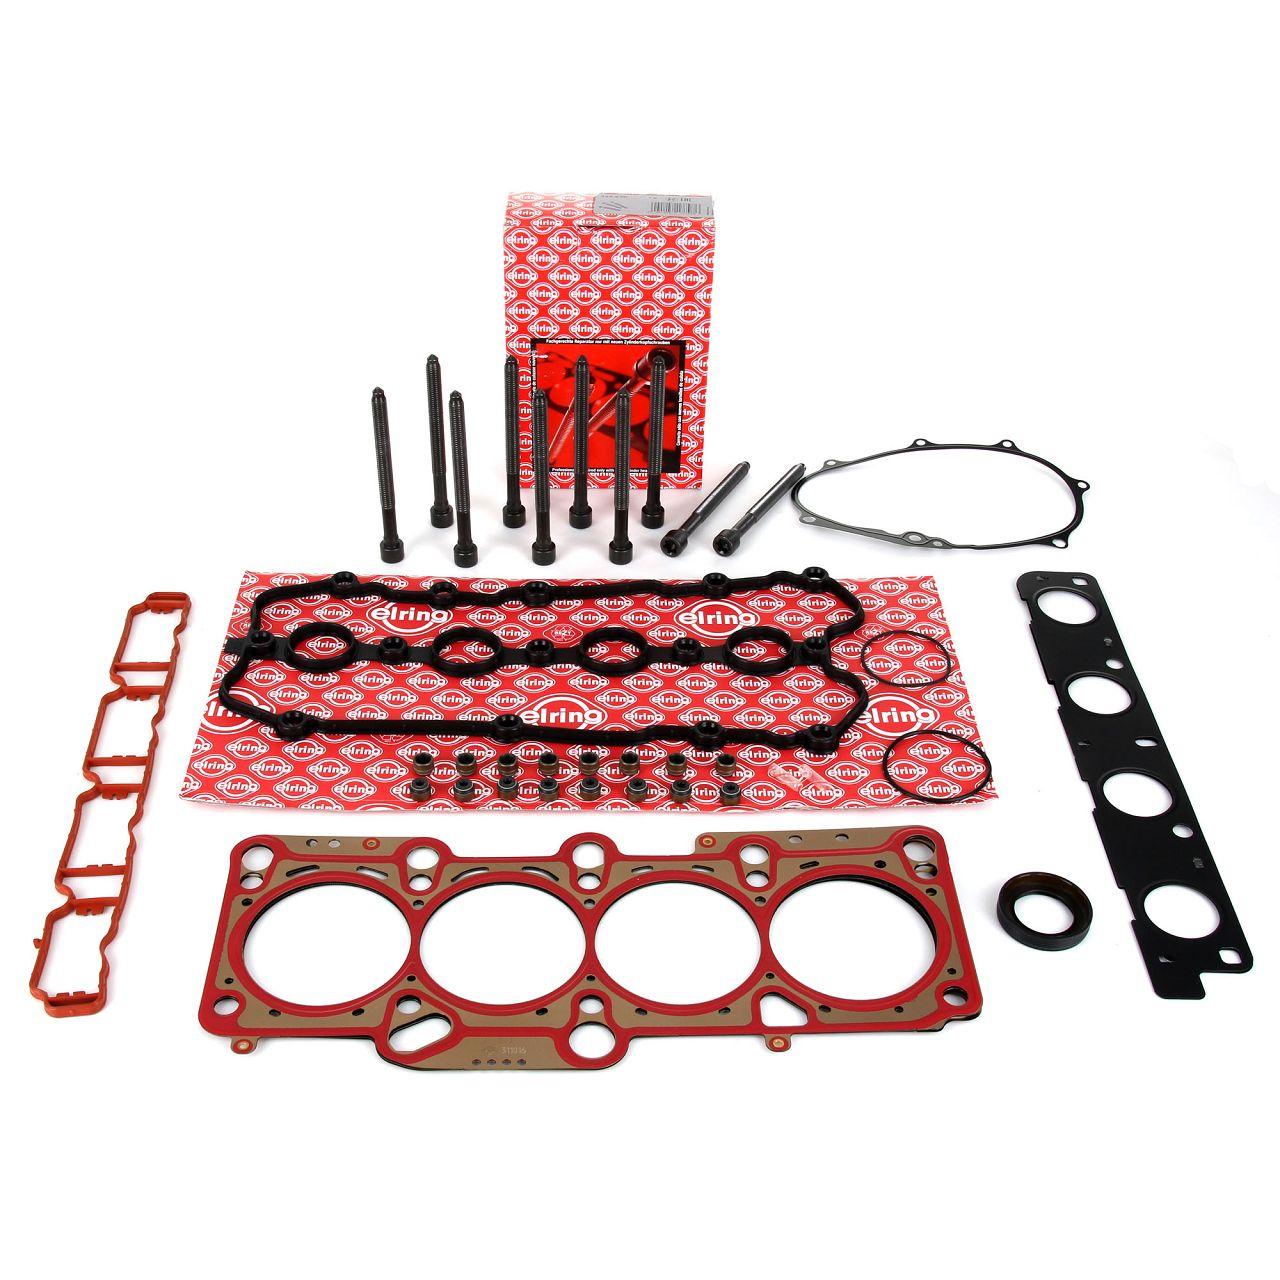 ELRING Zylinderkopfdichtung + Schraubensatz AUDI SEAT SKODA VW 2.0TFSI / GTI / R